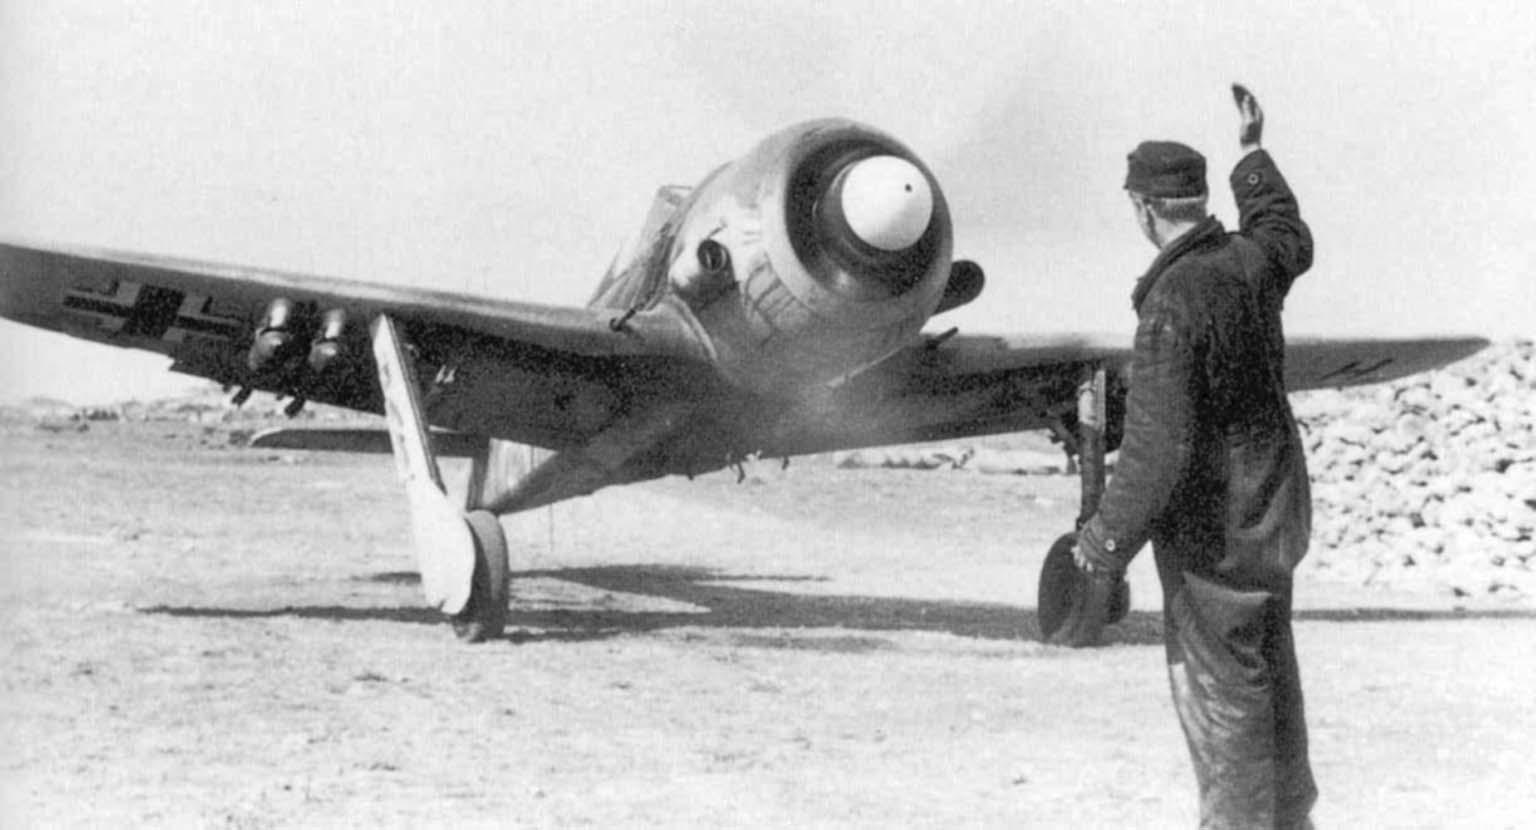 Focke-Wulf FW190F-3